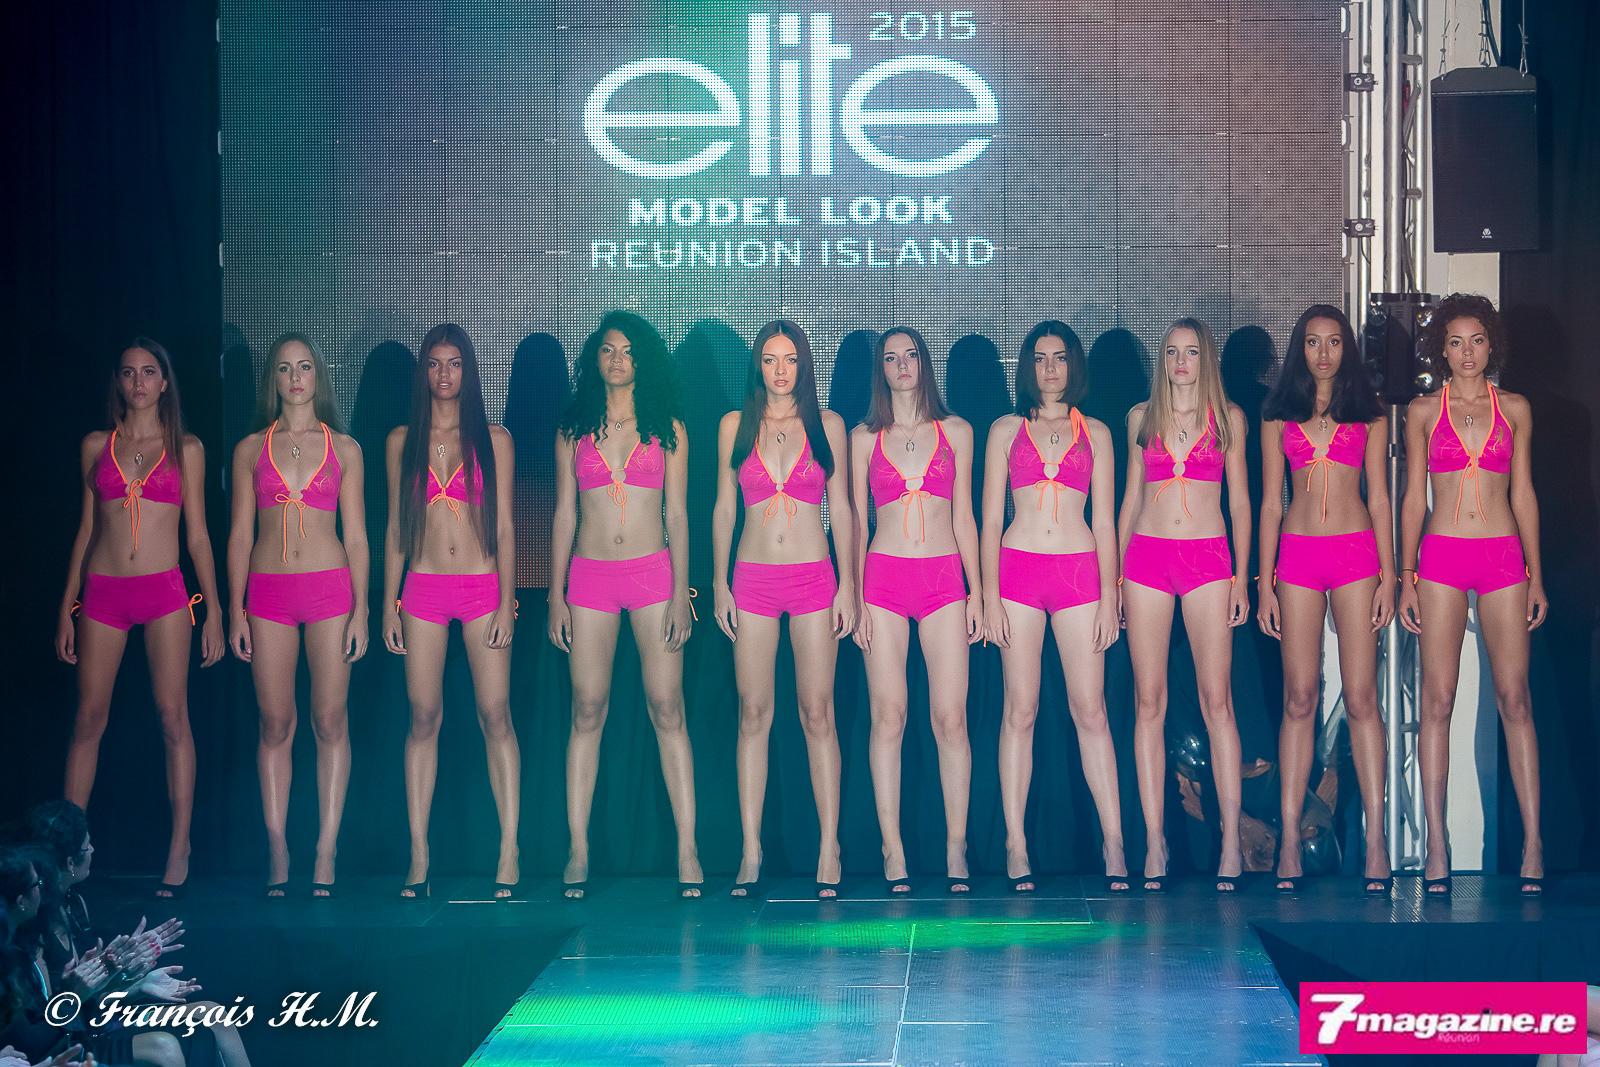 Le passage en maillot: finale Elite Model Look Reunion Island 2015